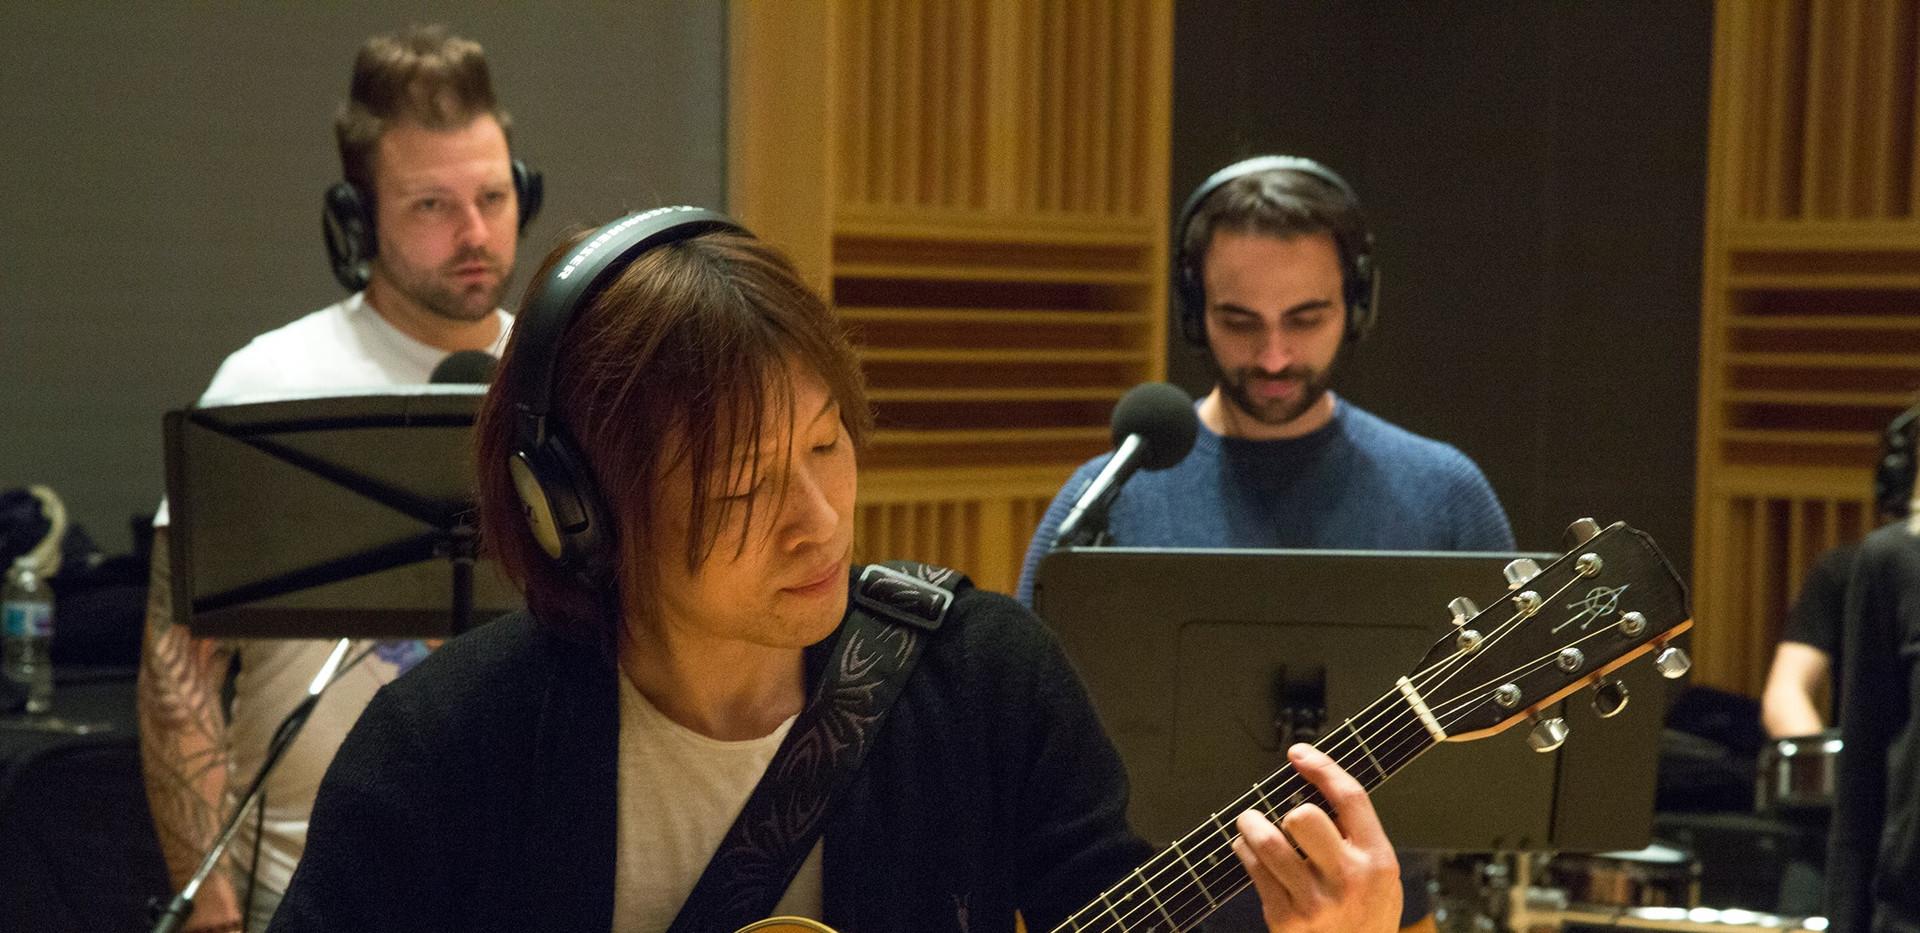 Masato acoustic gtr.jpg